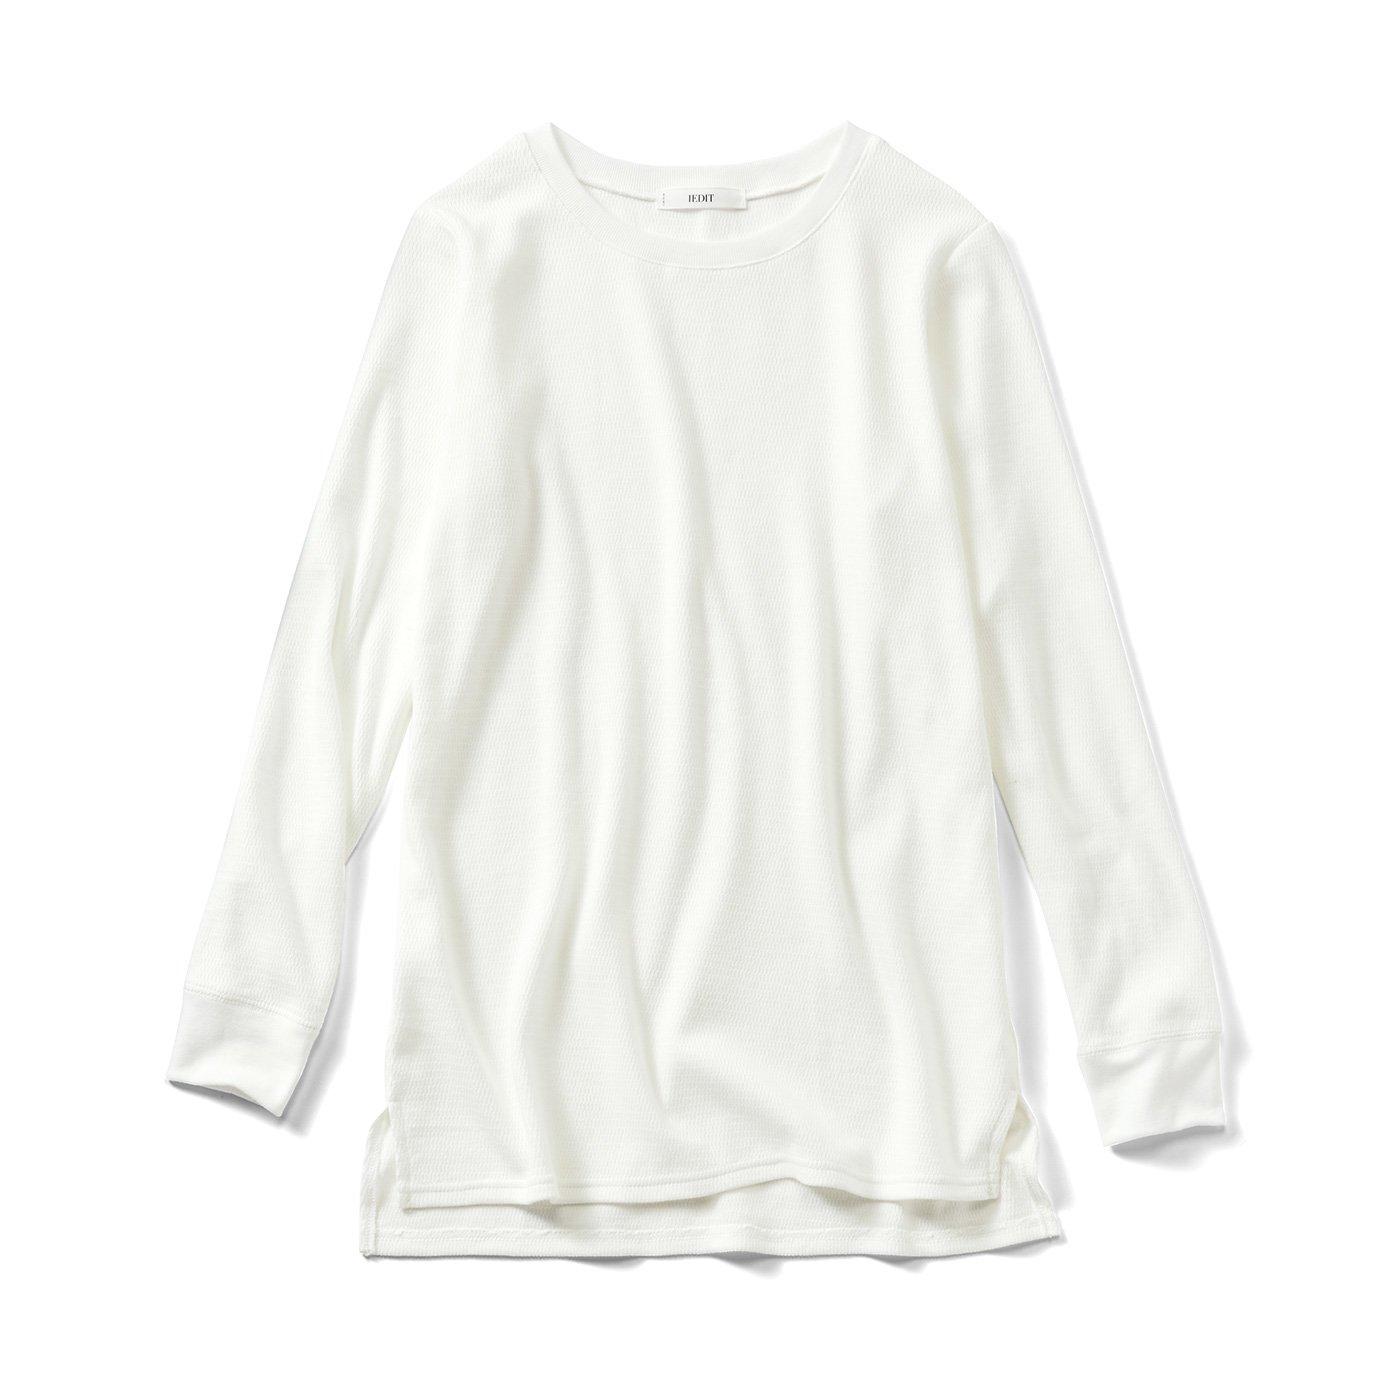 IEDIT[イディット] 着こなし自在 こなれホワイトコットンTシャツの会